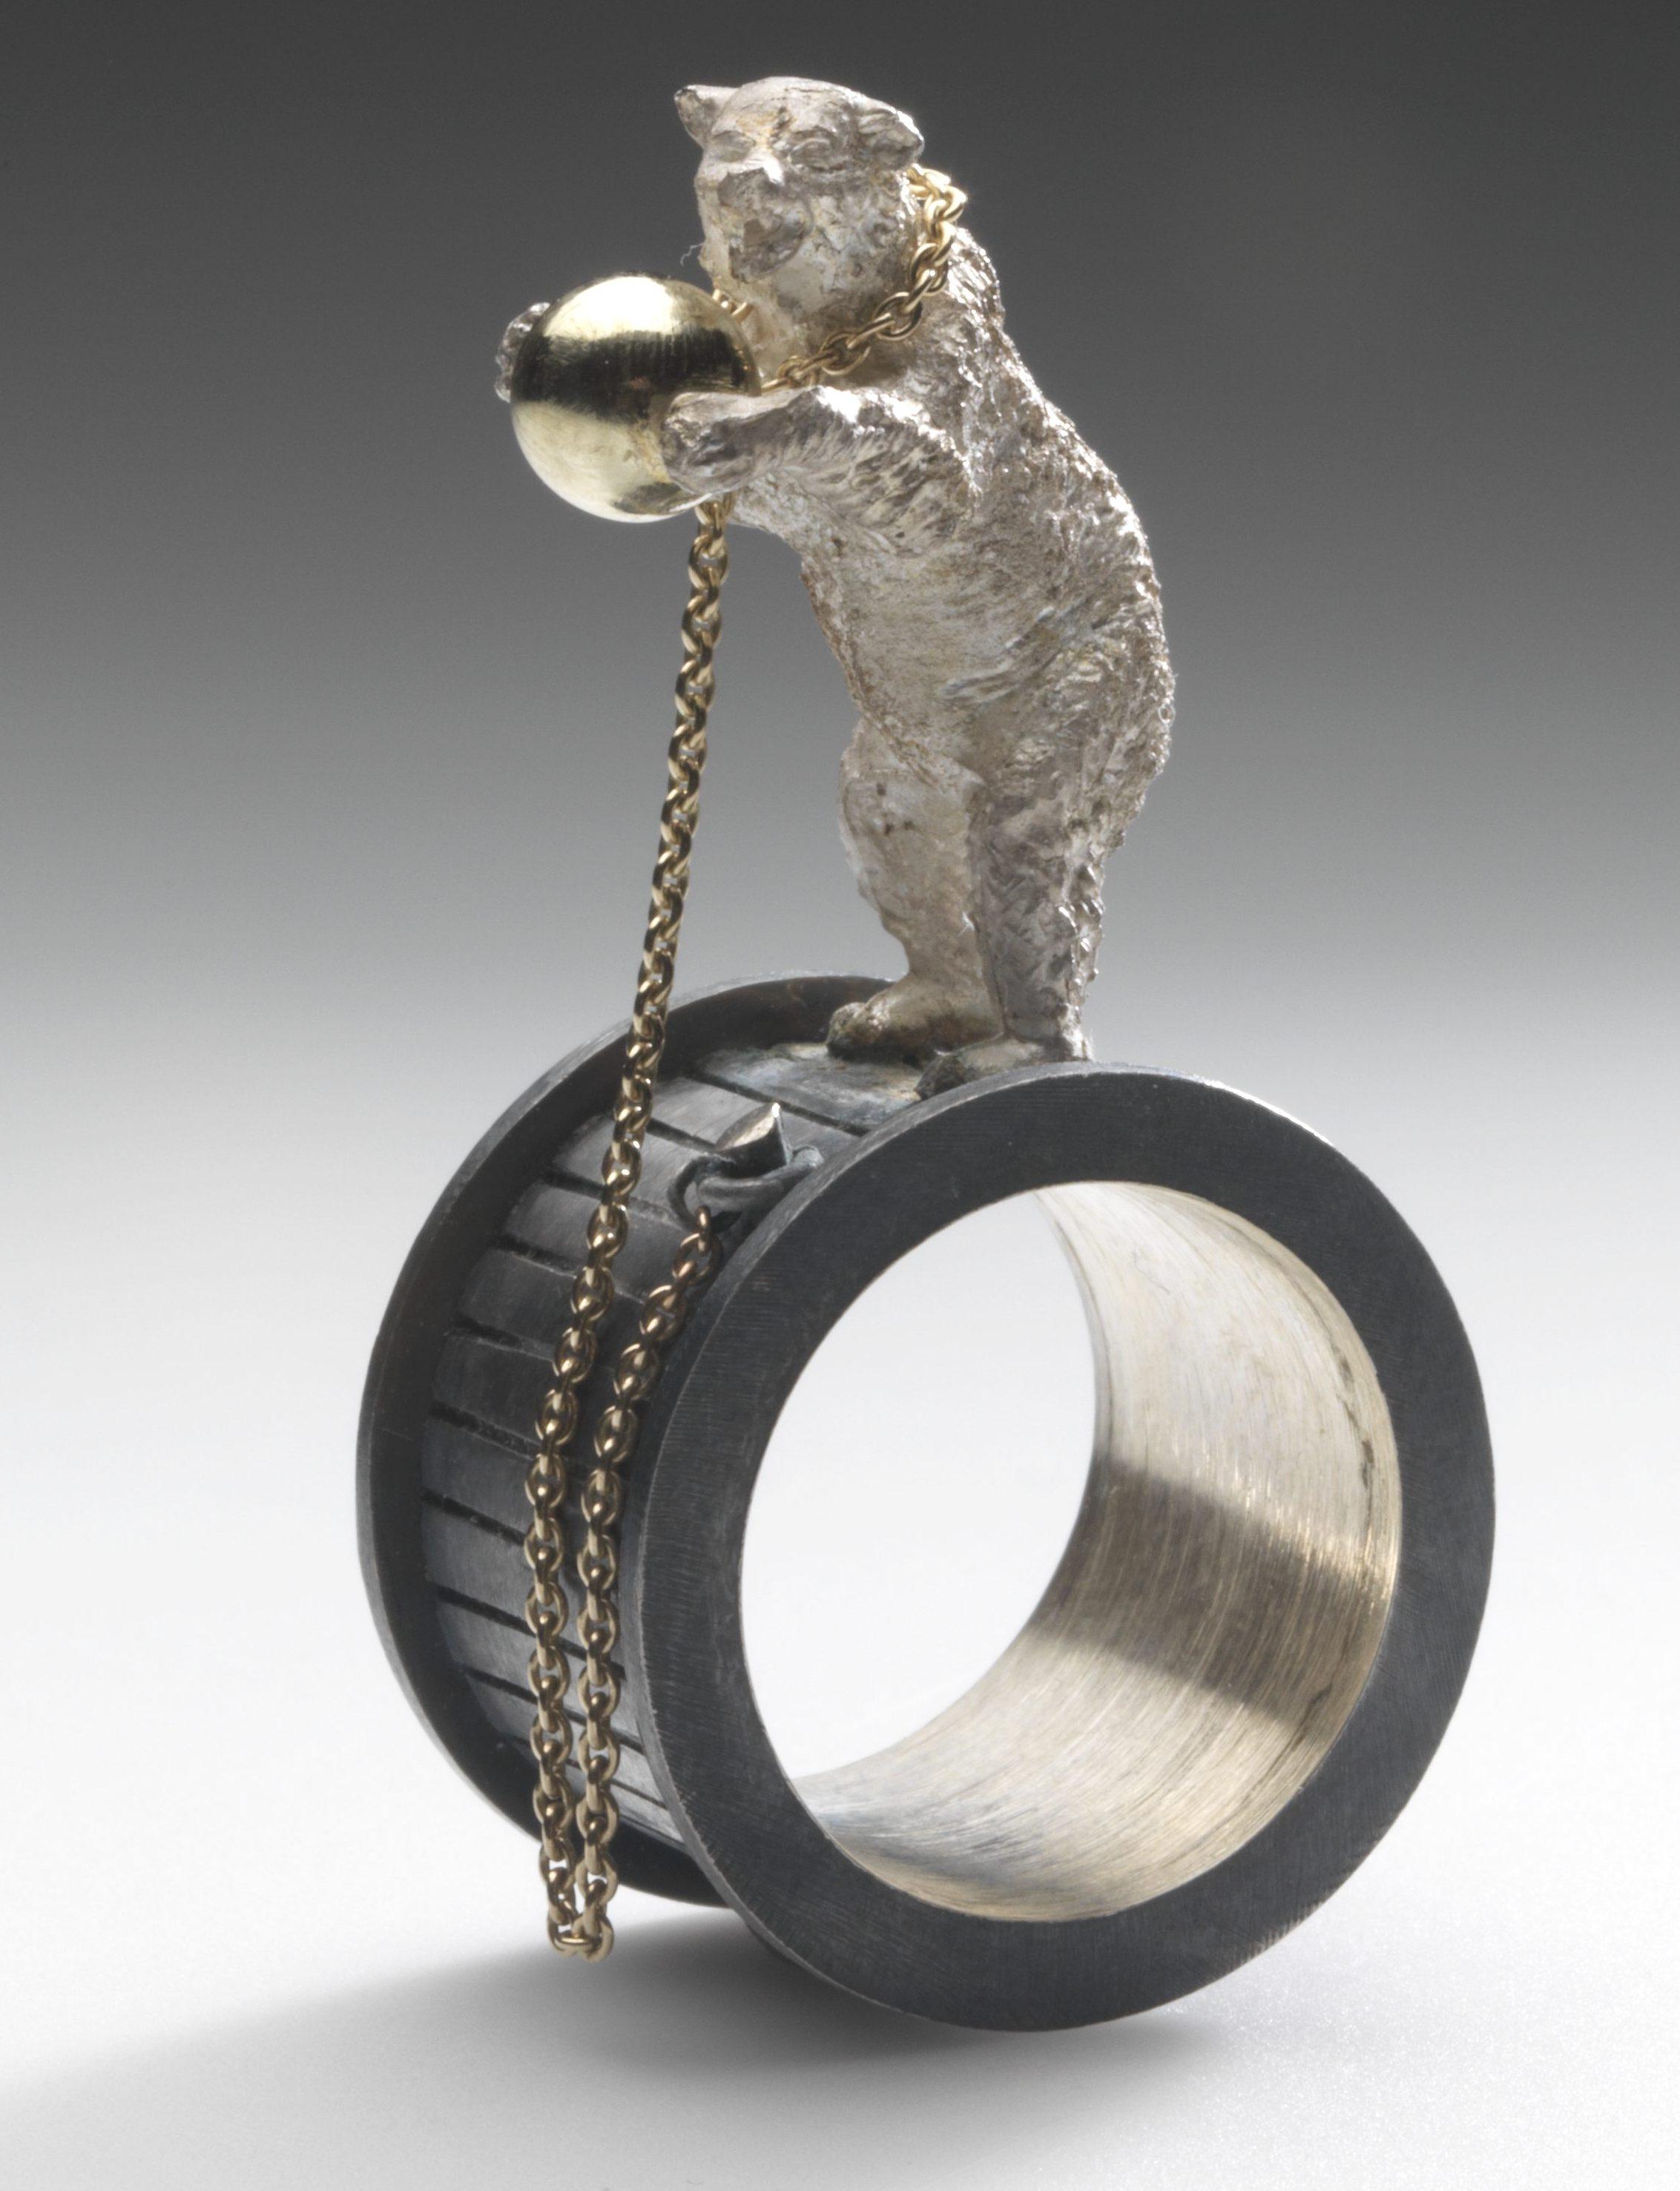 Roos van Soest, Bravo, ring, 2008. Foto met dank aan Stichting Françoise van den Bosch©